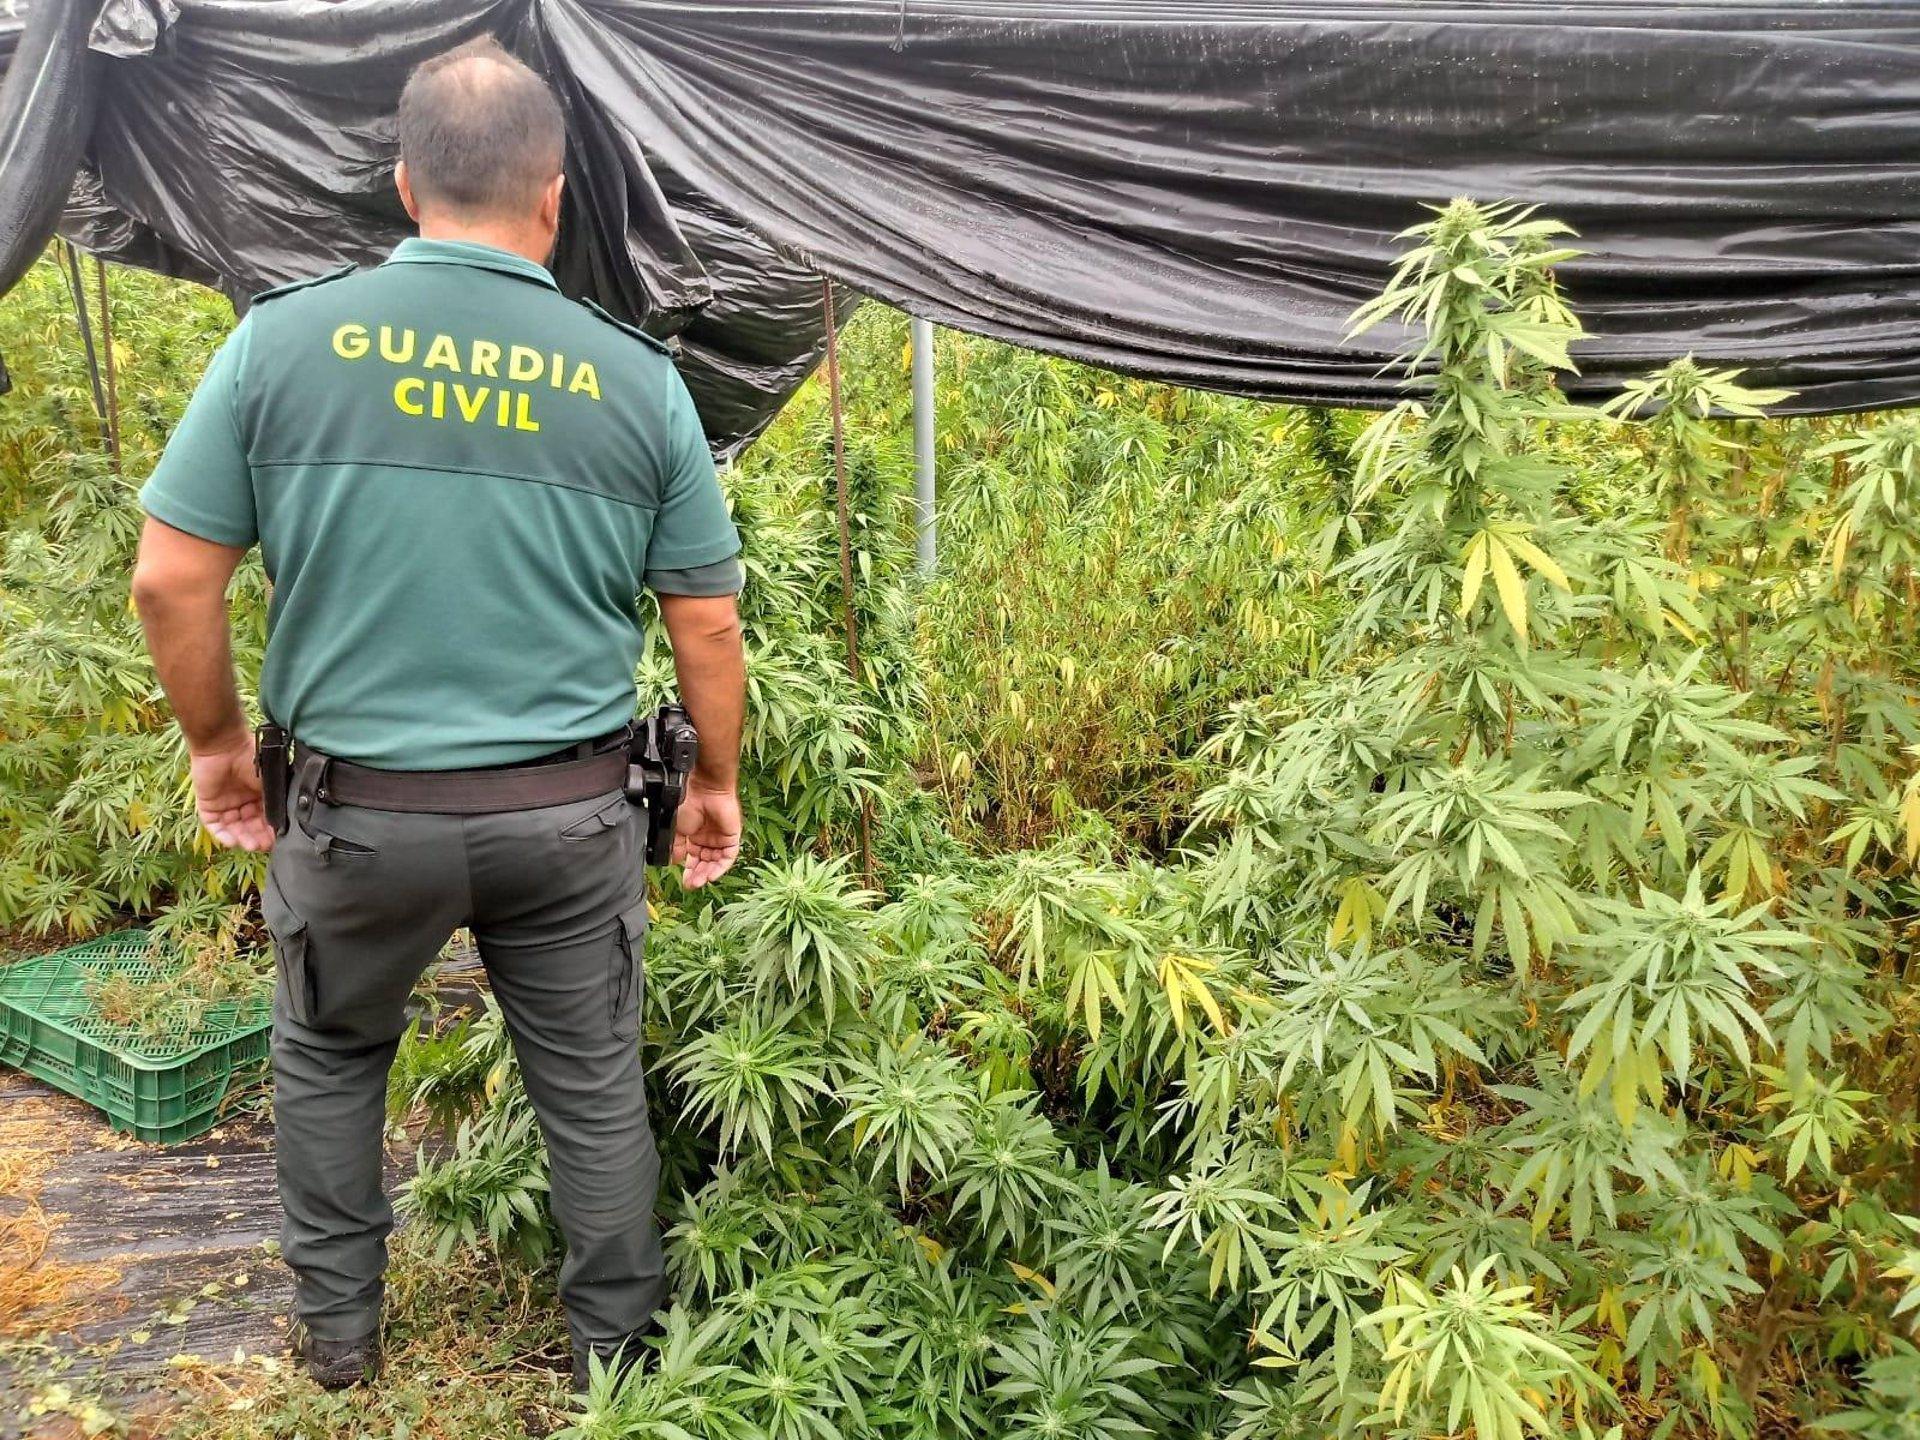 La Guardia Civil sorprende a cuatro narcos mientras «mudaban» plantas de marihuana en Ogíjares